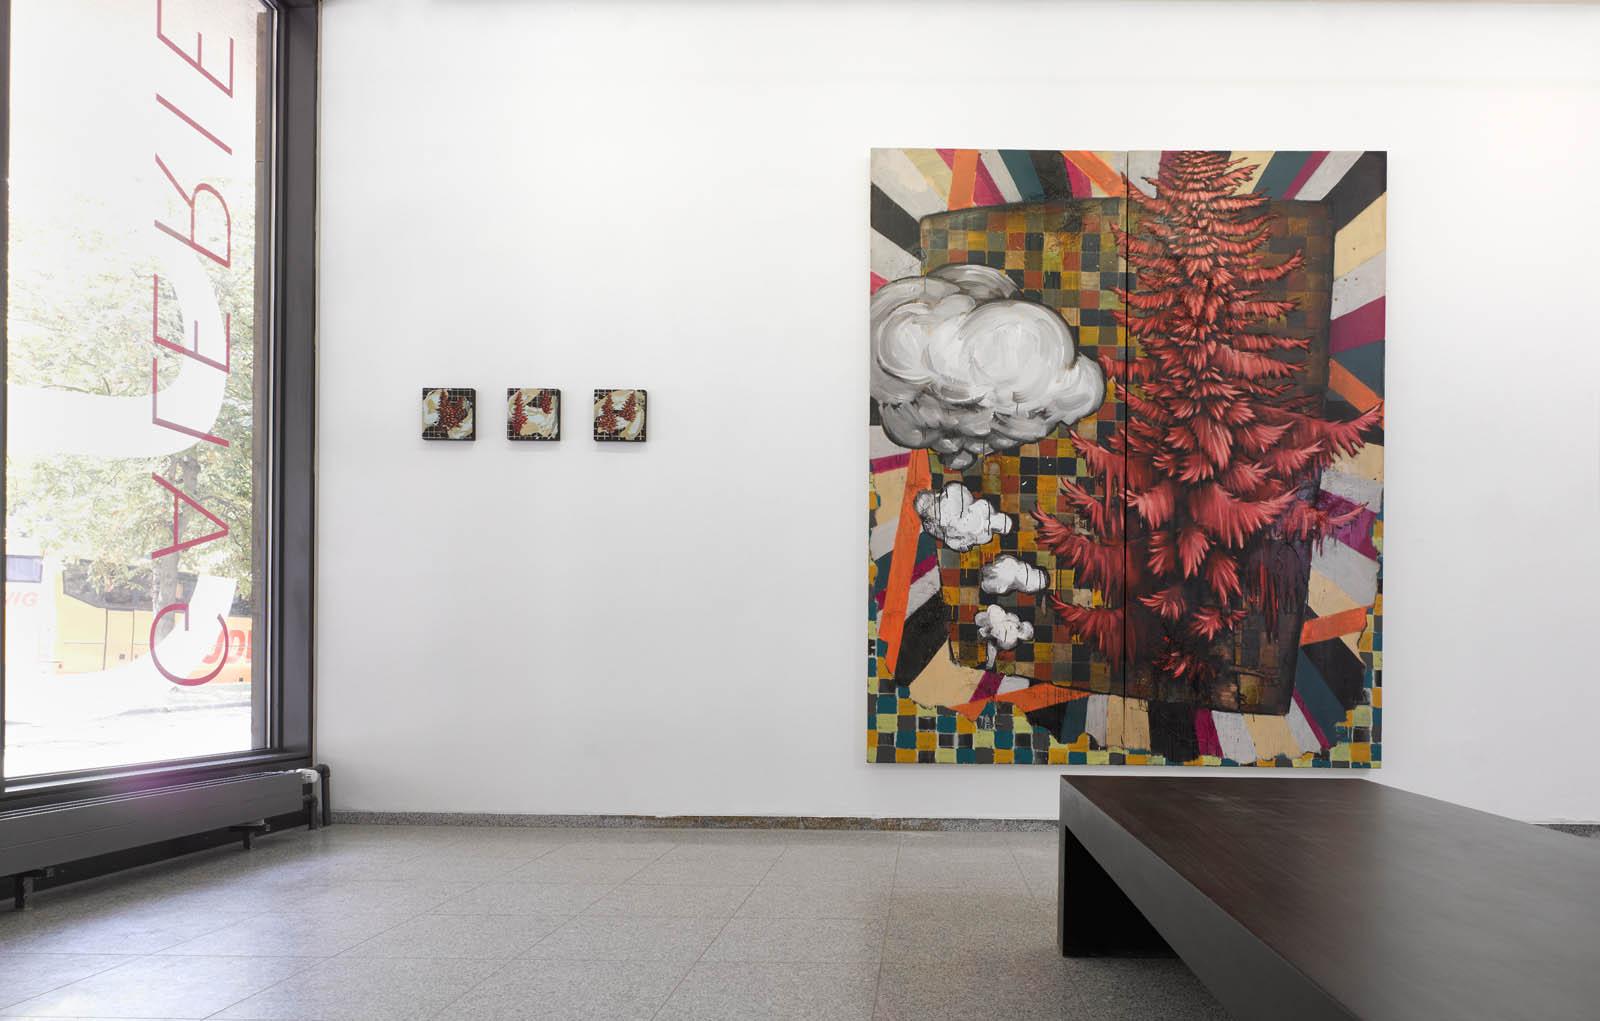 Timo Ausstellung 000141 - Timo Meyer: ein Künstler und seine Kunst